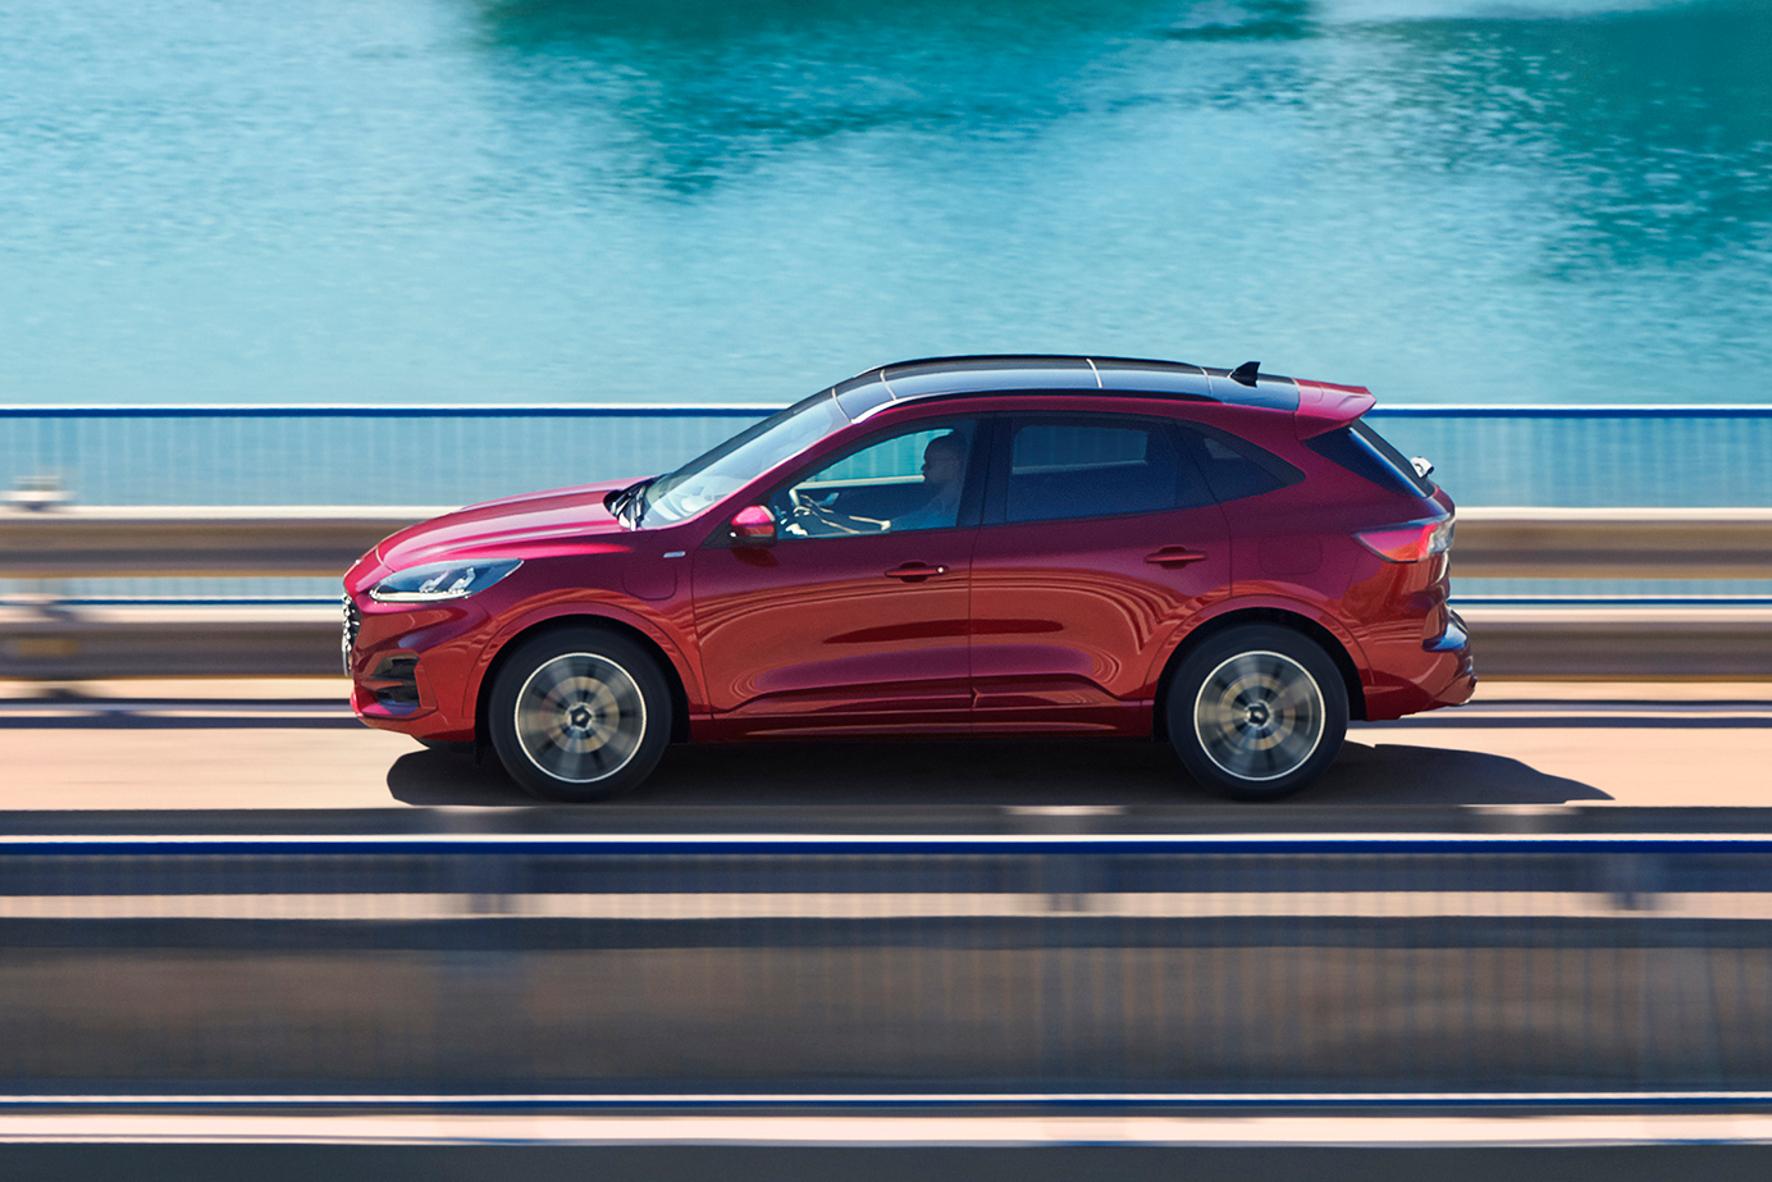 mid Groß-Gerau - Den Ford Kuga gibt es auch als Plug-in-Hybrid. Ford